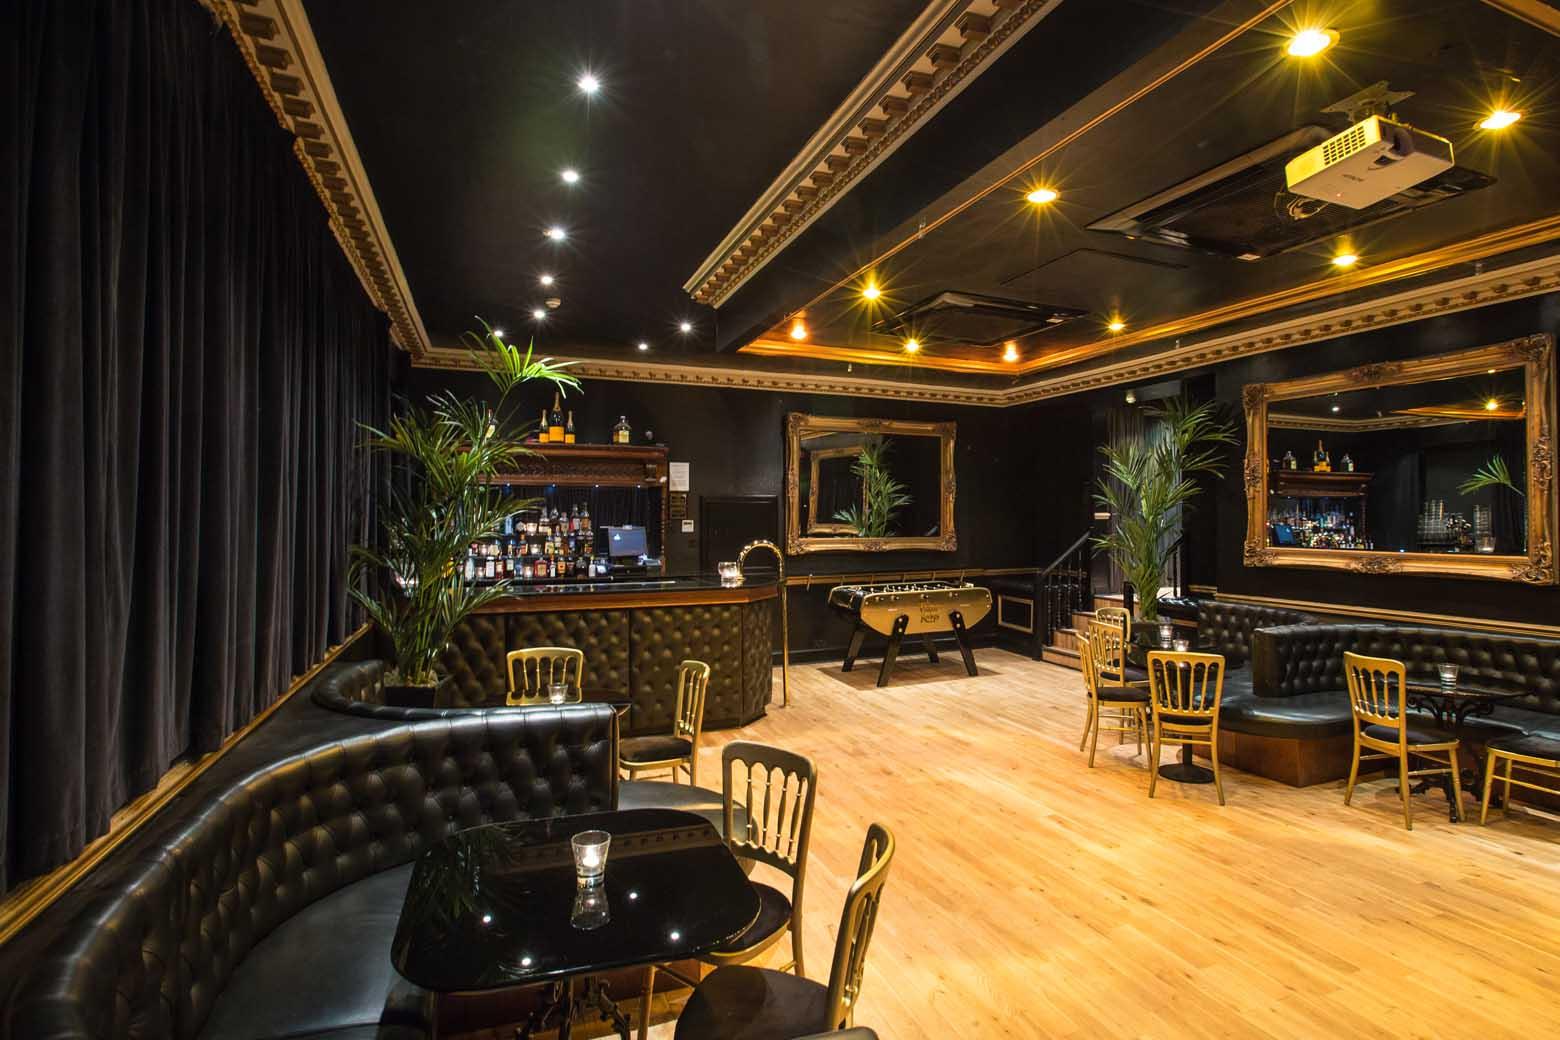 The Speakeasy @ The Vodooo Rooms, Edinburgh